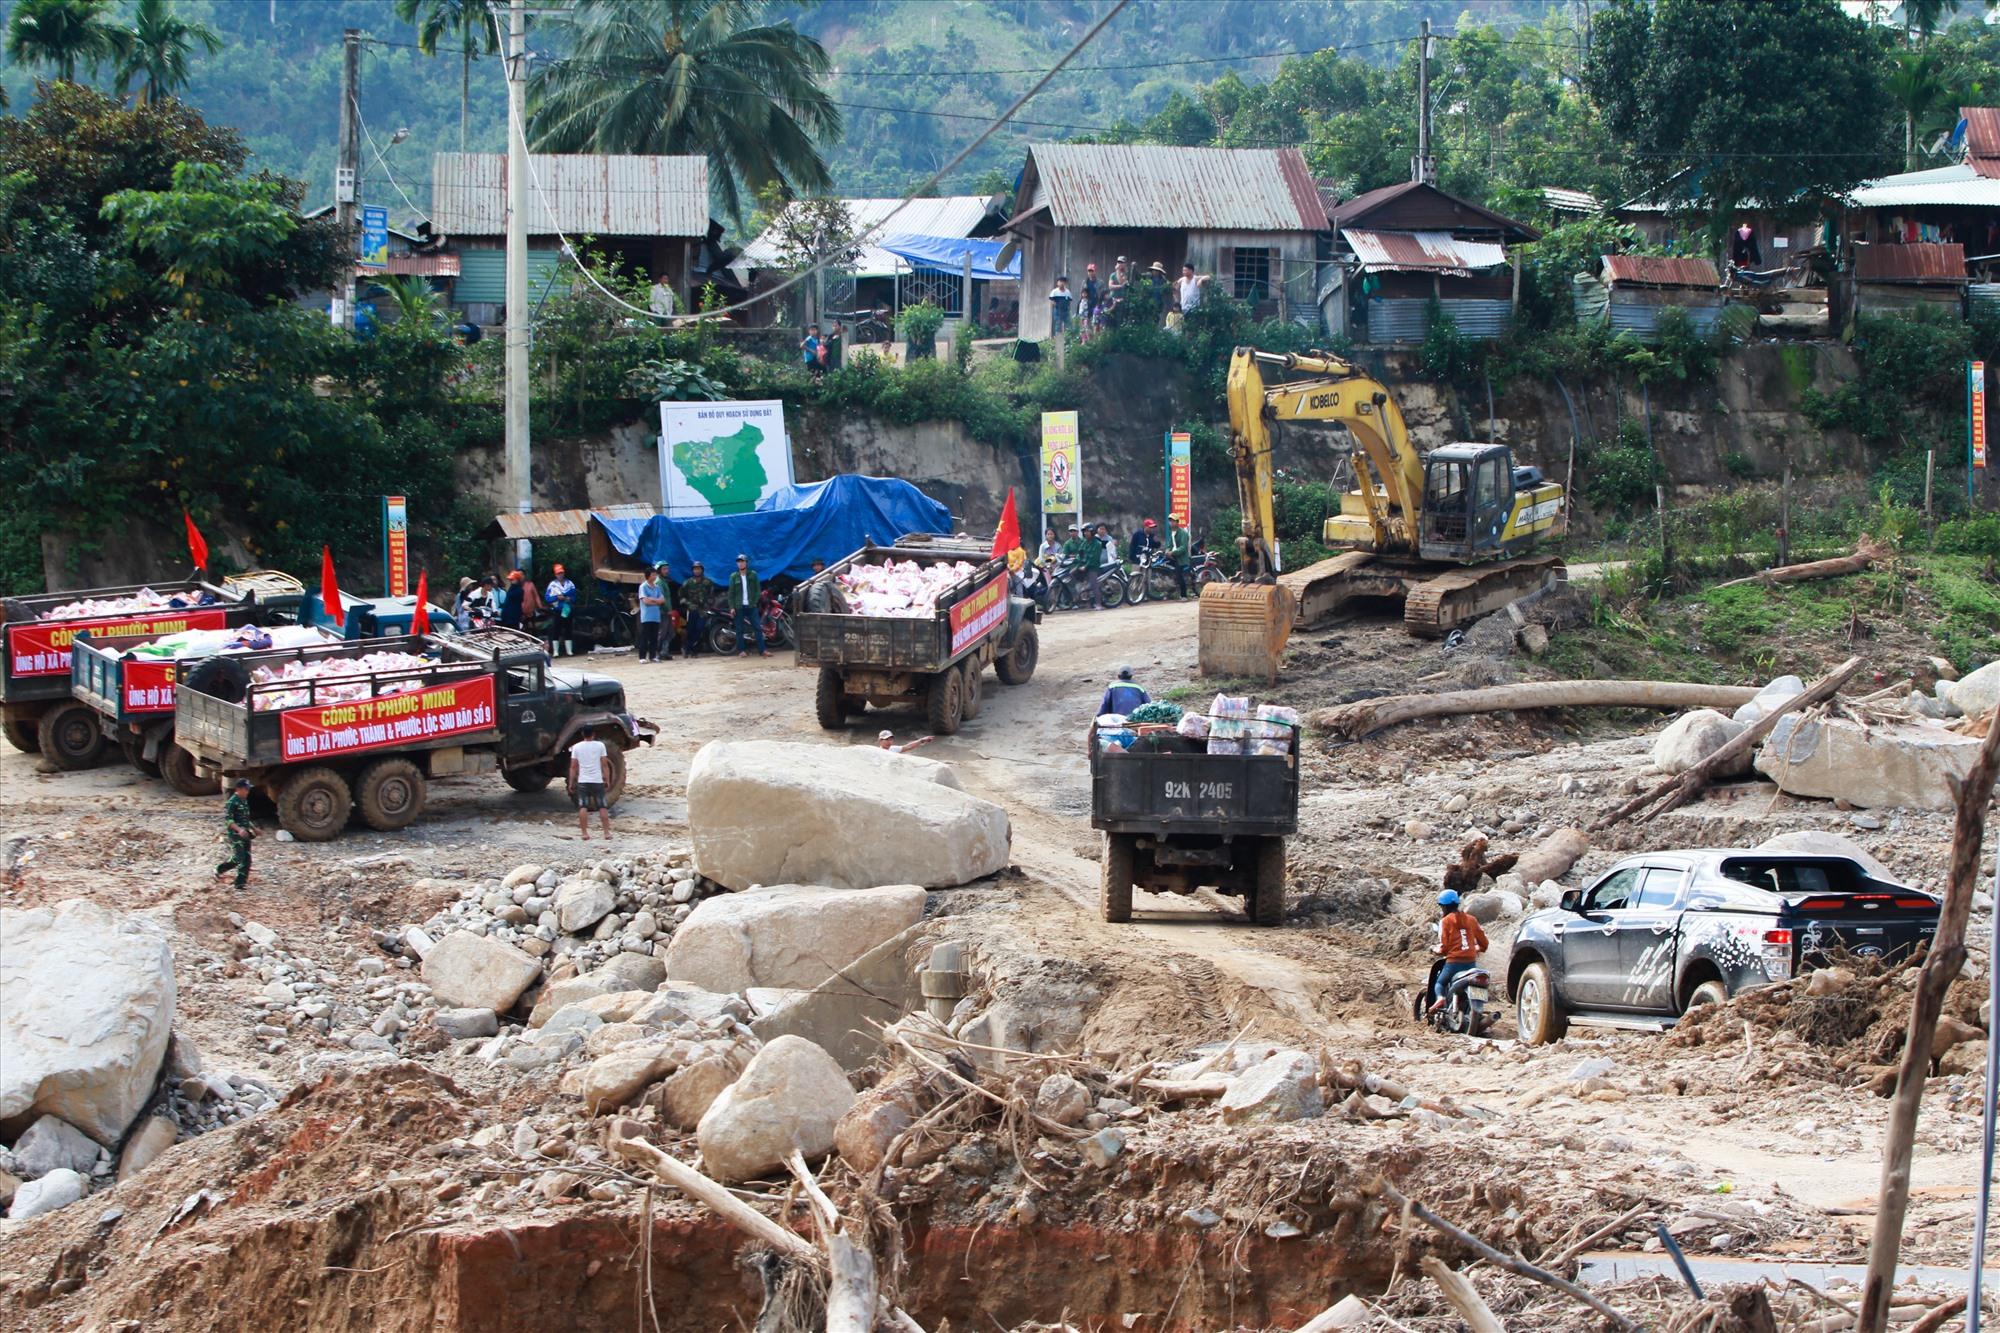 Sau khi thông tuyến, chuyến xe chở hàng quà cứu trợ đầu tiên với gần 1.000 suất quà đã vào đến thôn 2 xã Phước Thành. Ảnh: T.C